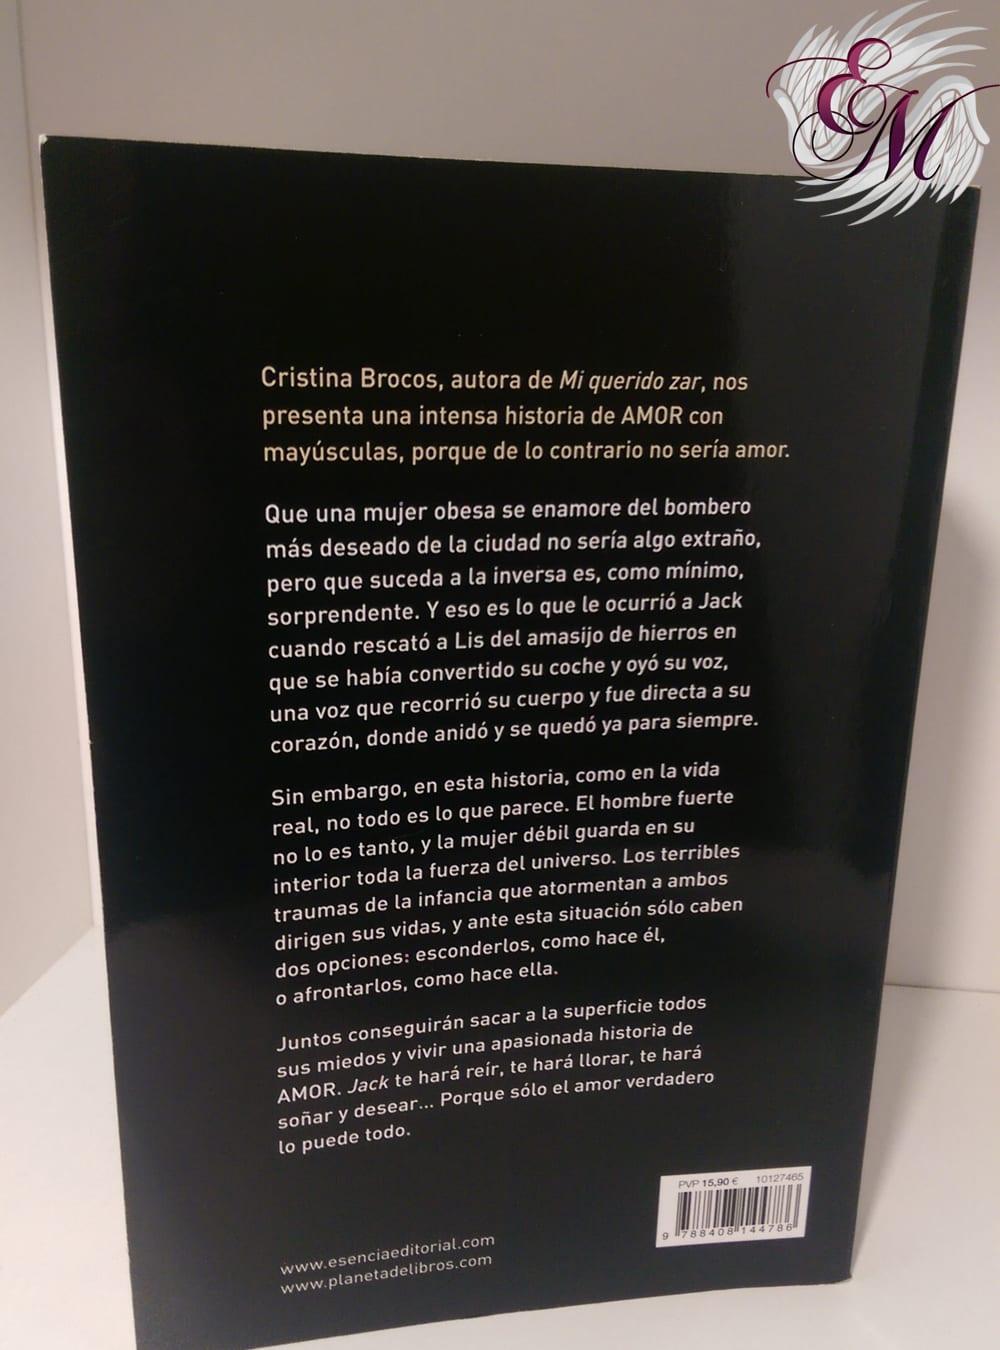 Jack, de Cristina Brocos - Reseña